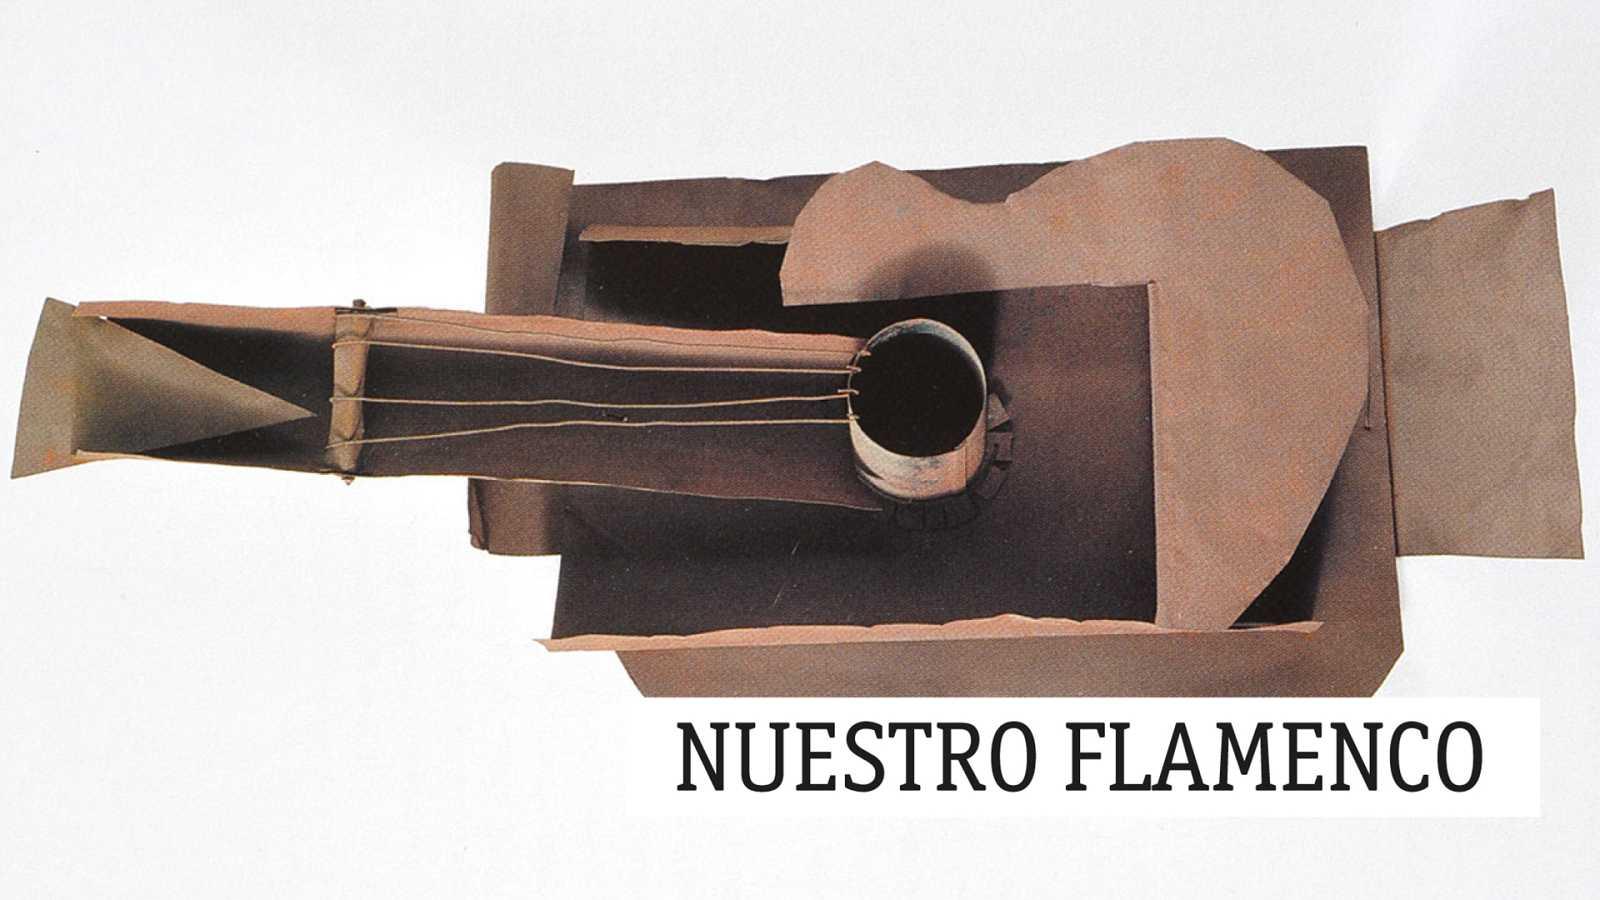 Nuestro flamenco - Mujeres pioneras en el cante flamenco - 25/02/20 - escuchar ahora